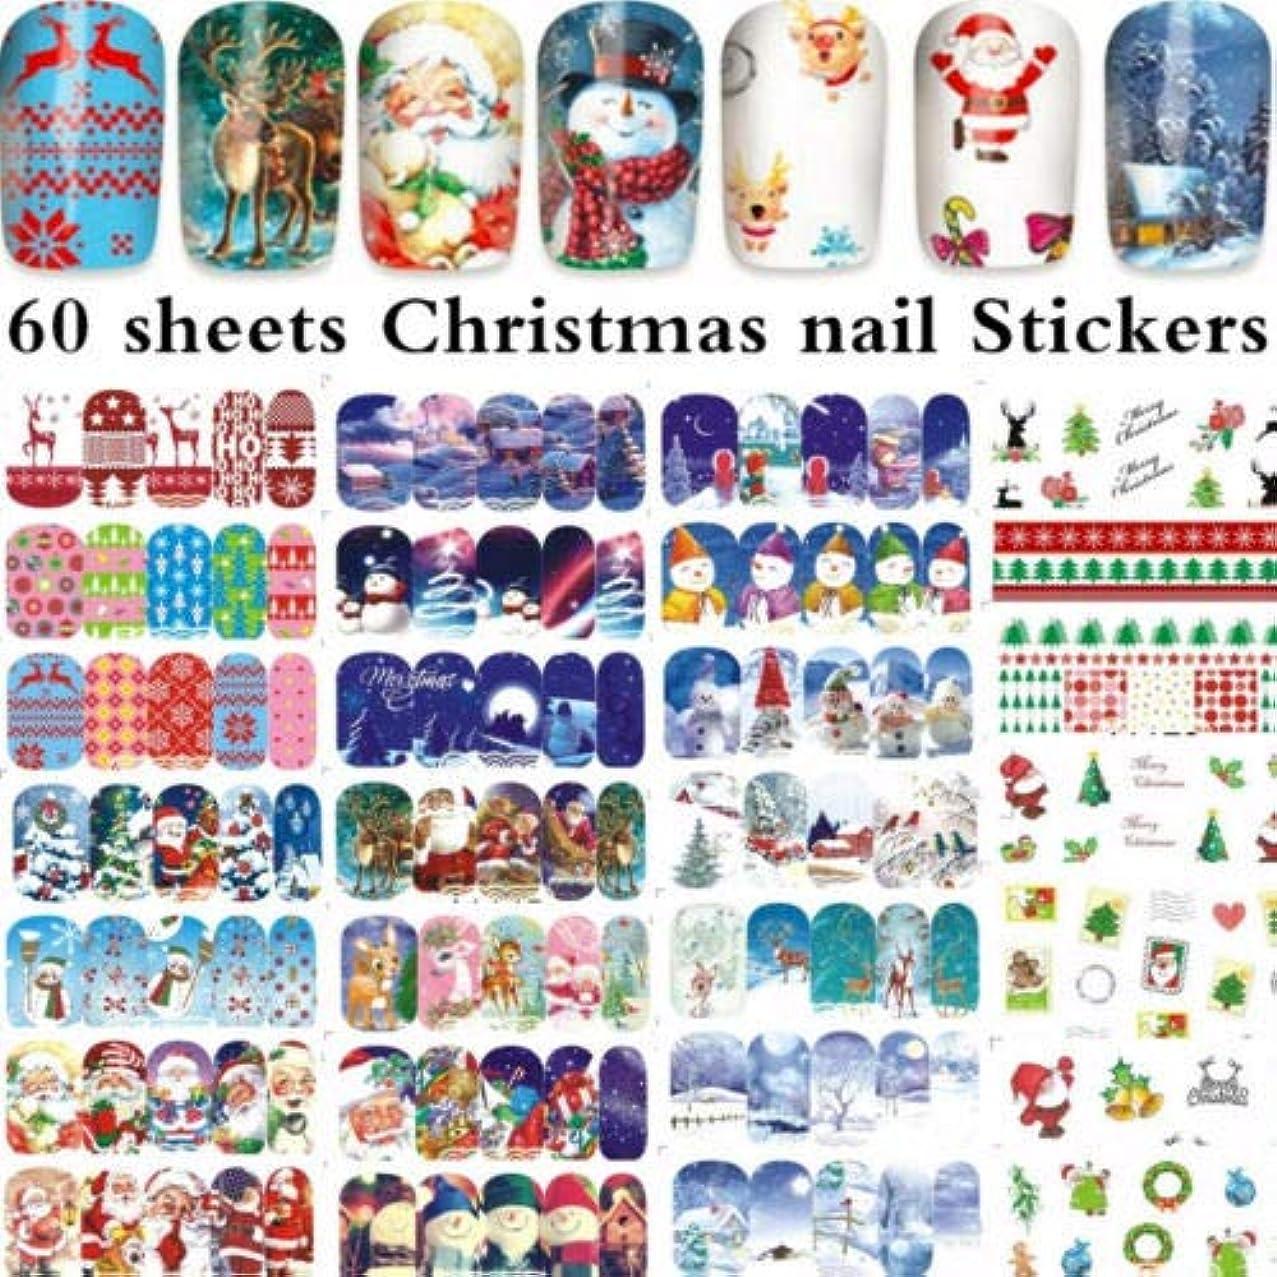 むさぼり食う記録エンコミウムFidgetGear 60枚のクリスマスサンタクロースネイルアート水転写ステッカーのヒントA1129-88#